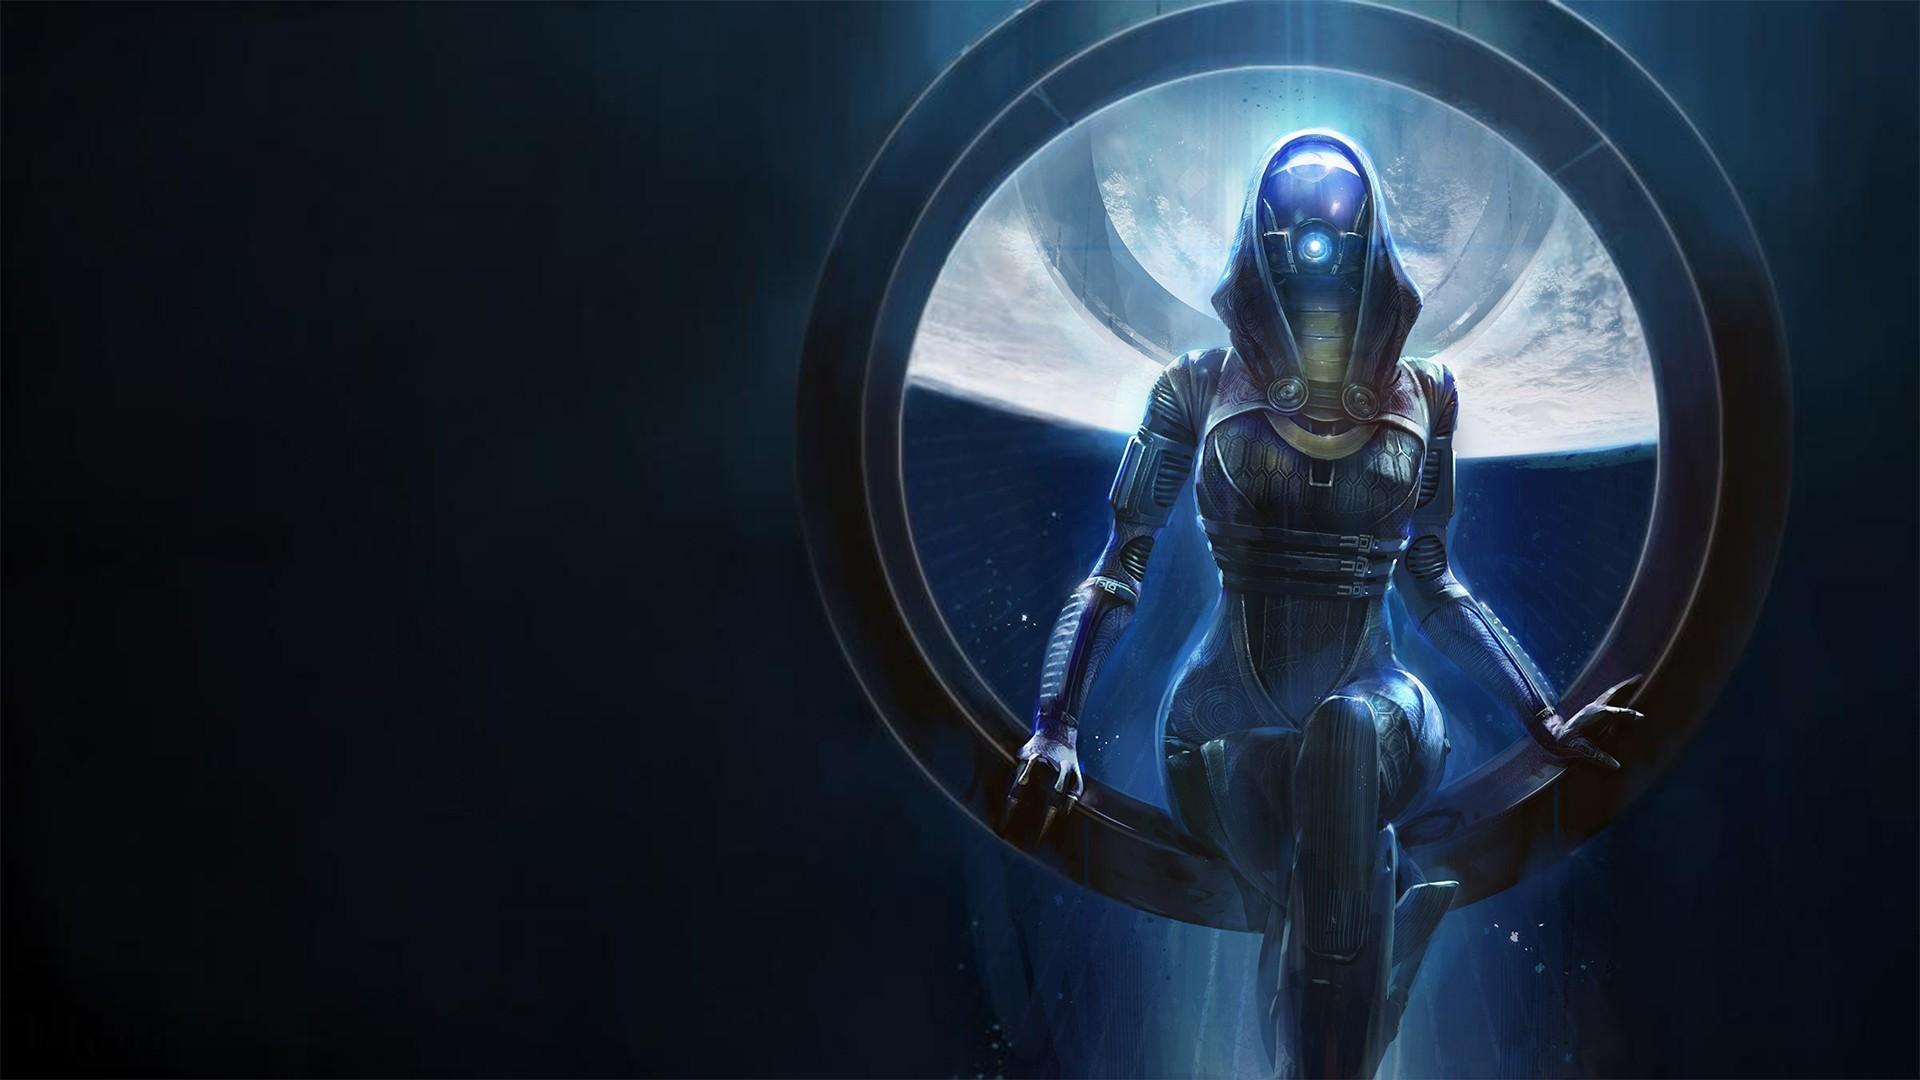 Mass Effect PC Wallpaper